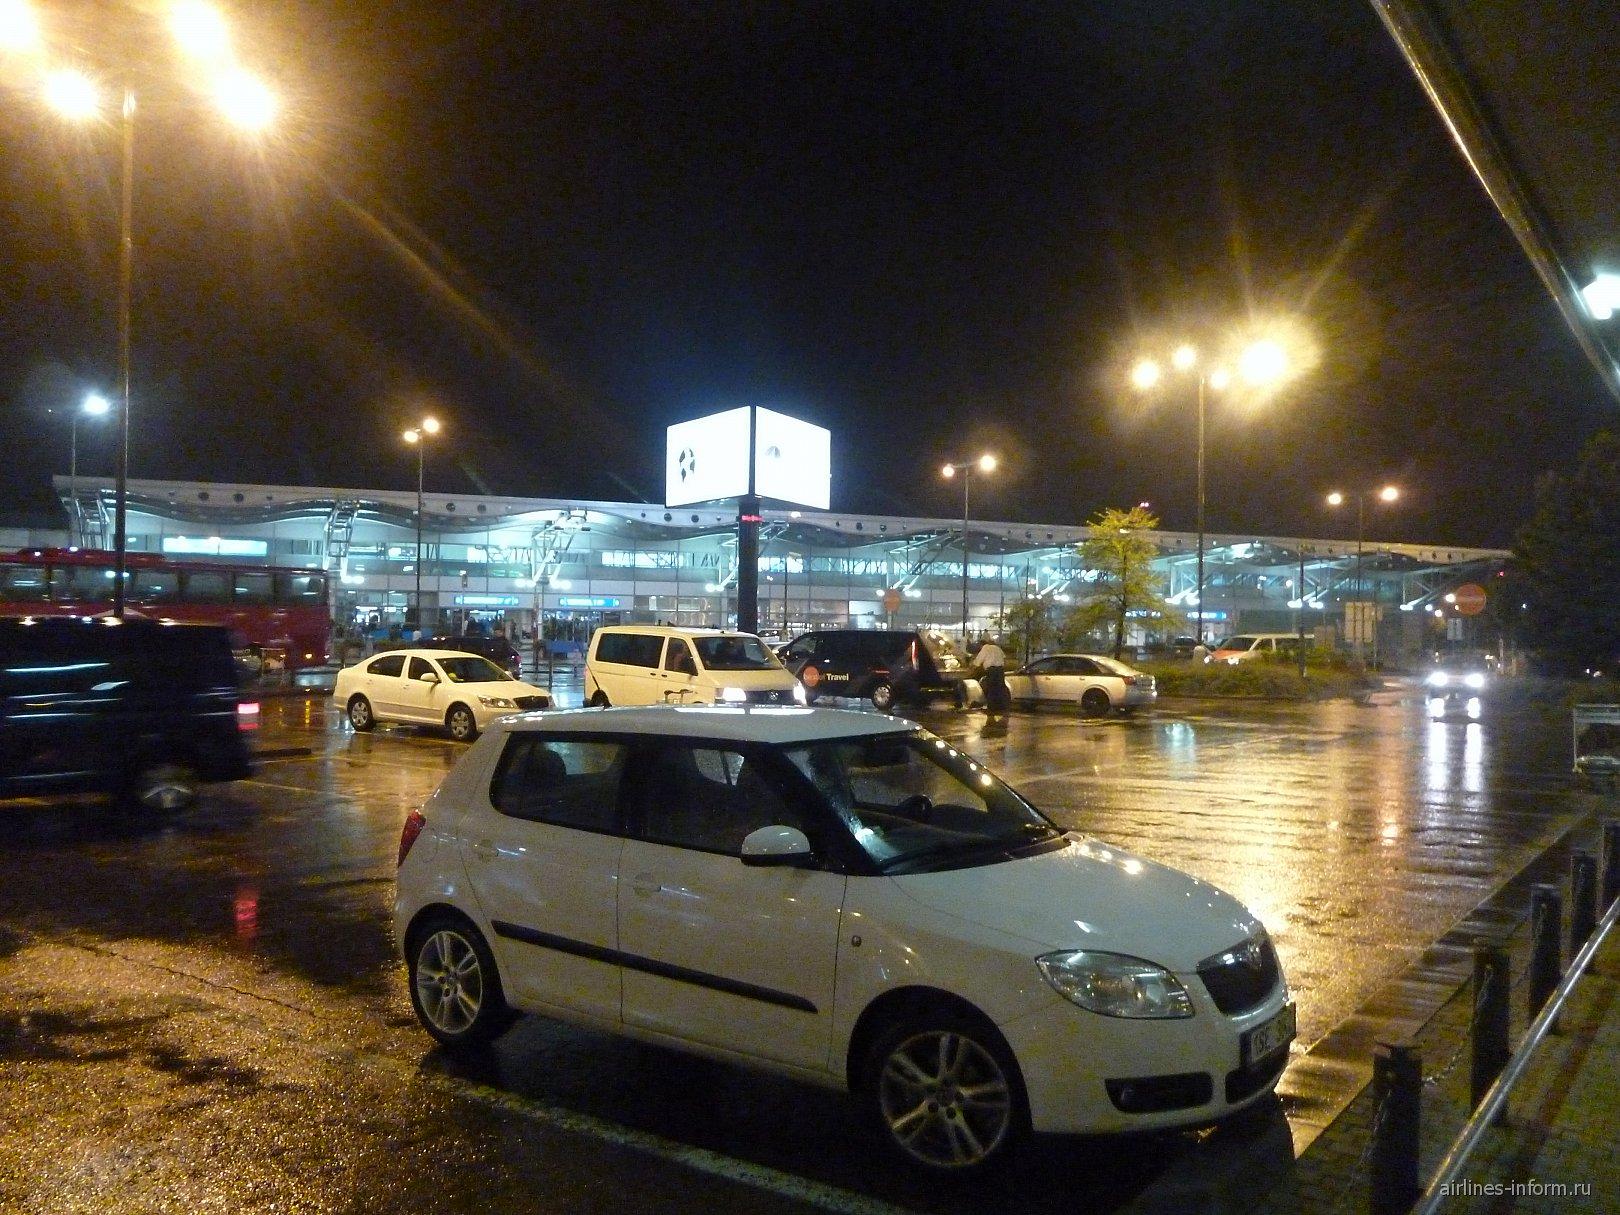 Пассажирский терминал аэропорта Прага Рузине